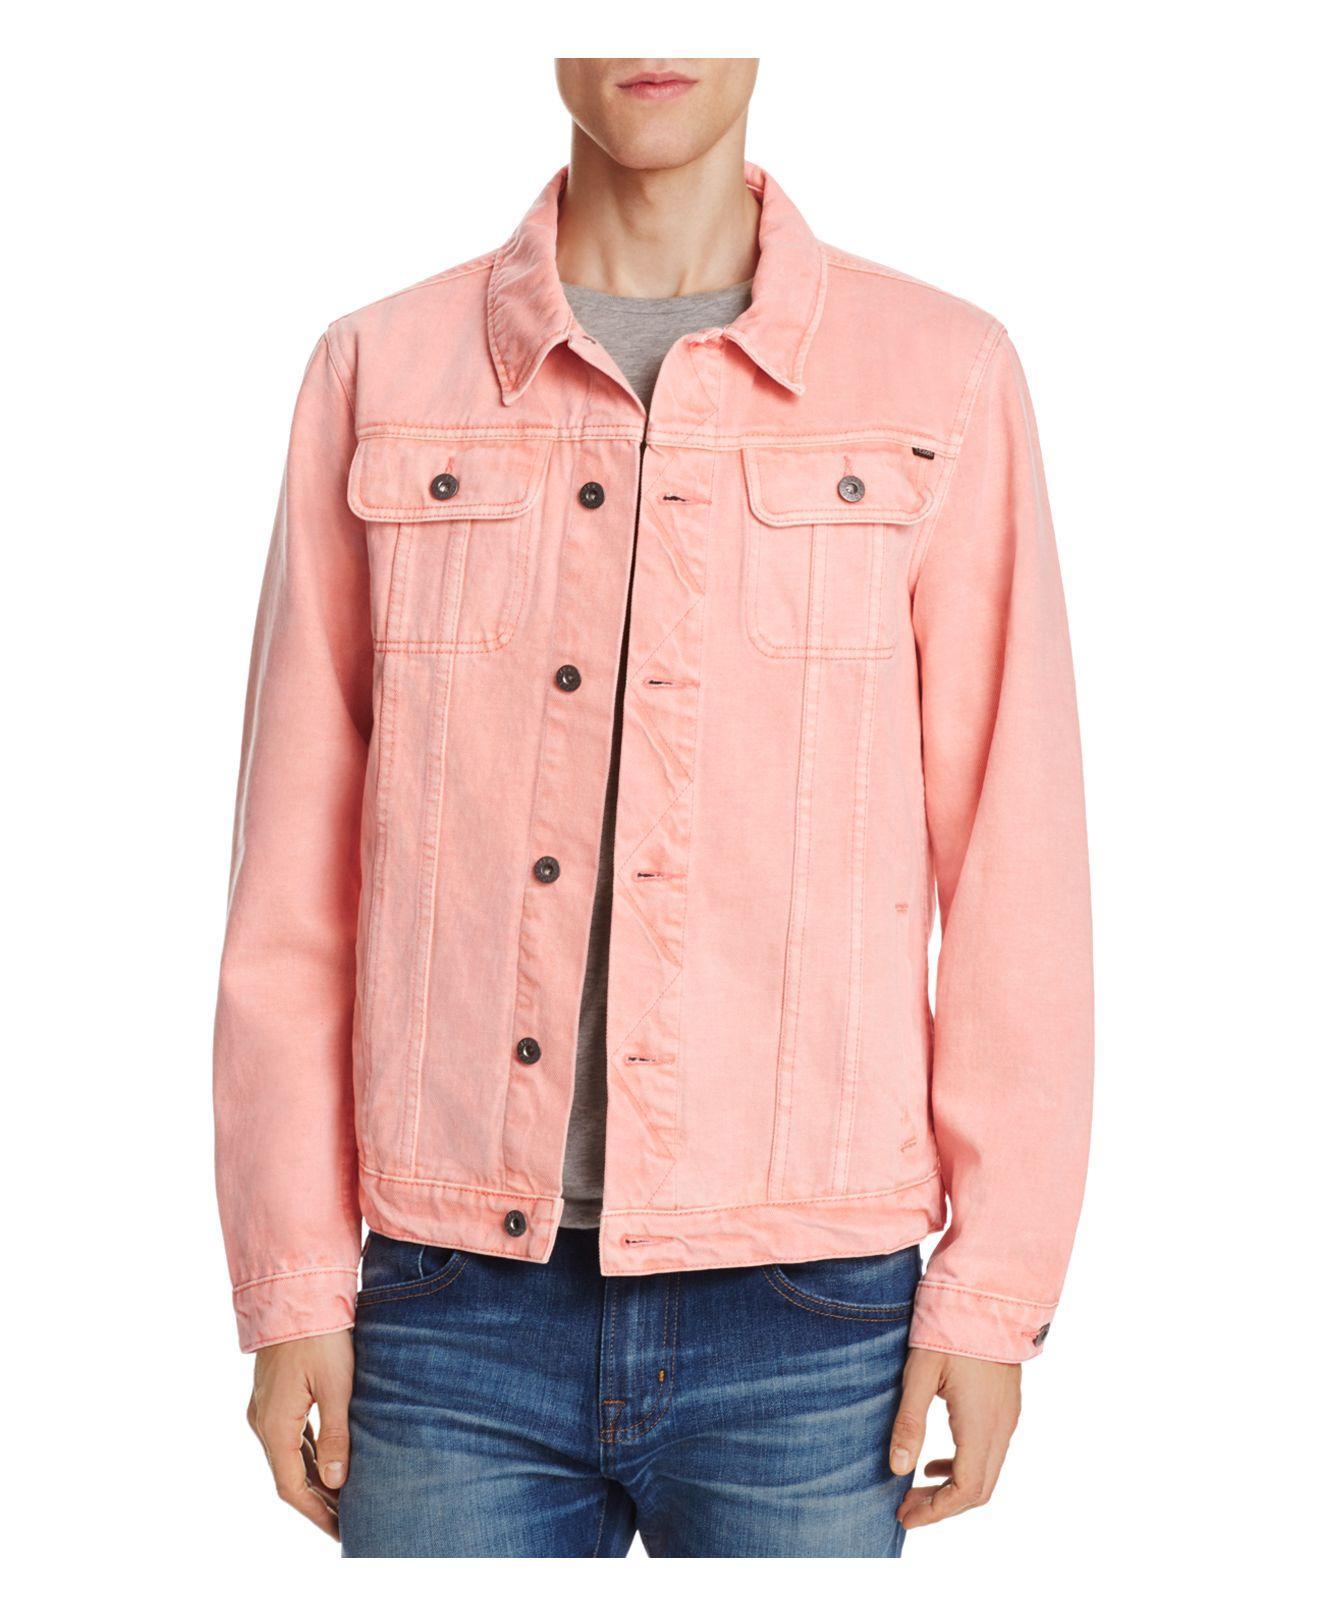 Lyst Barney Cools Denim Jacket In Pink For Men